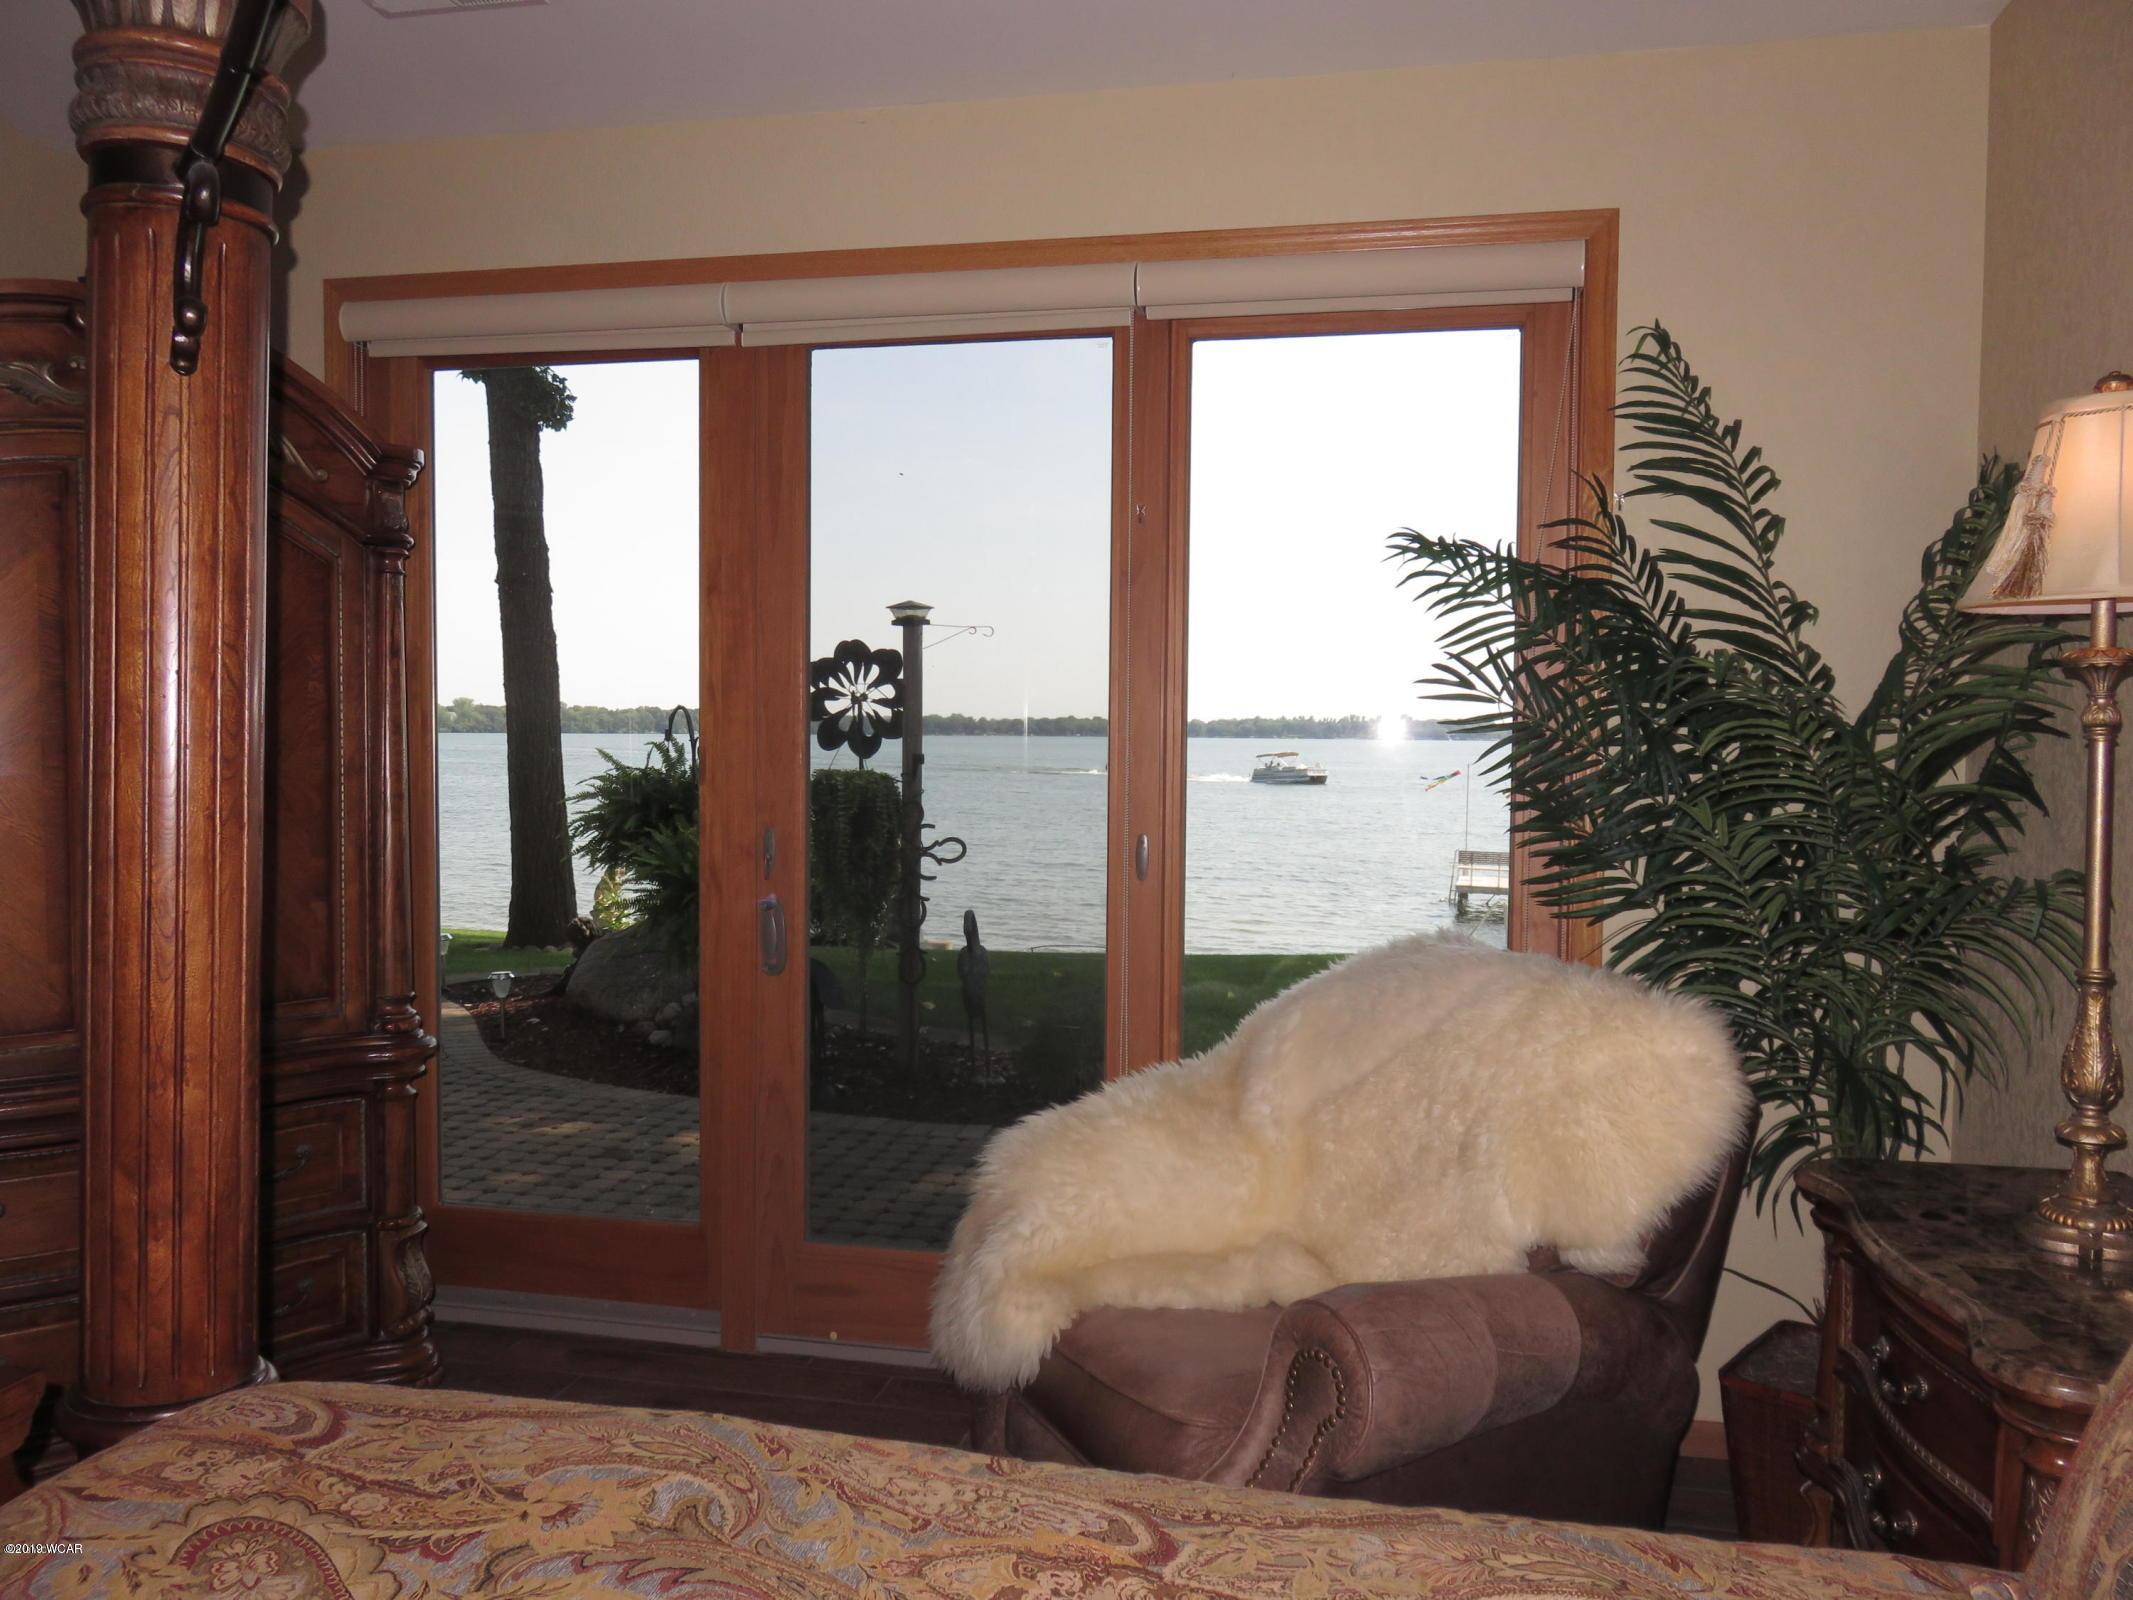 3184 Eagle Road,Willmar,3 Bedrooms Bedrooms,2 BathroomsBathrooms,Single Family,Eagle Road,6033461